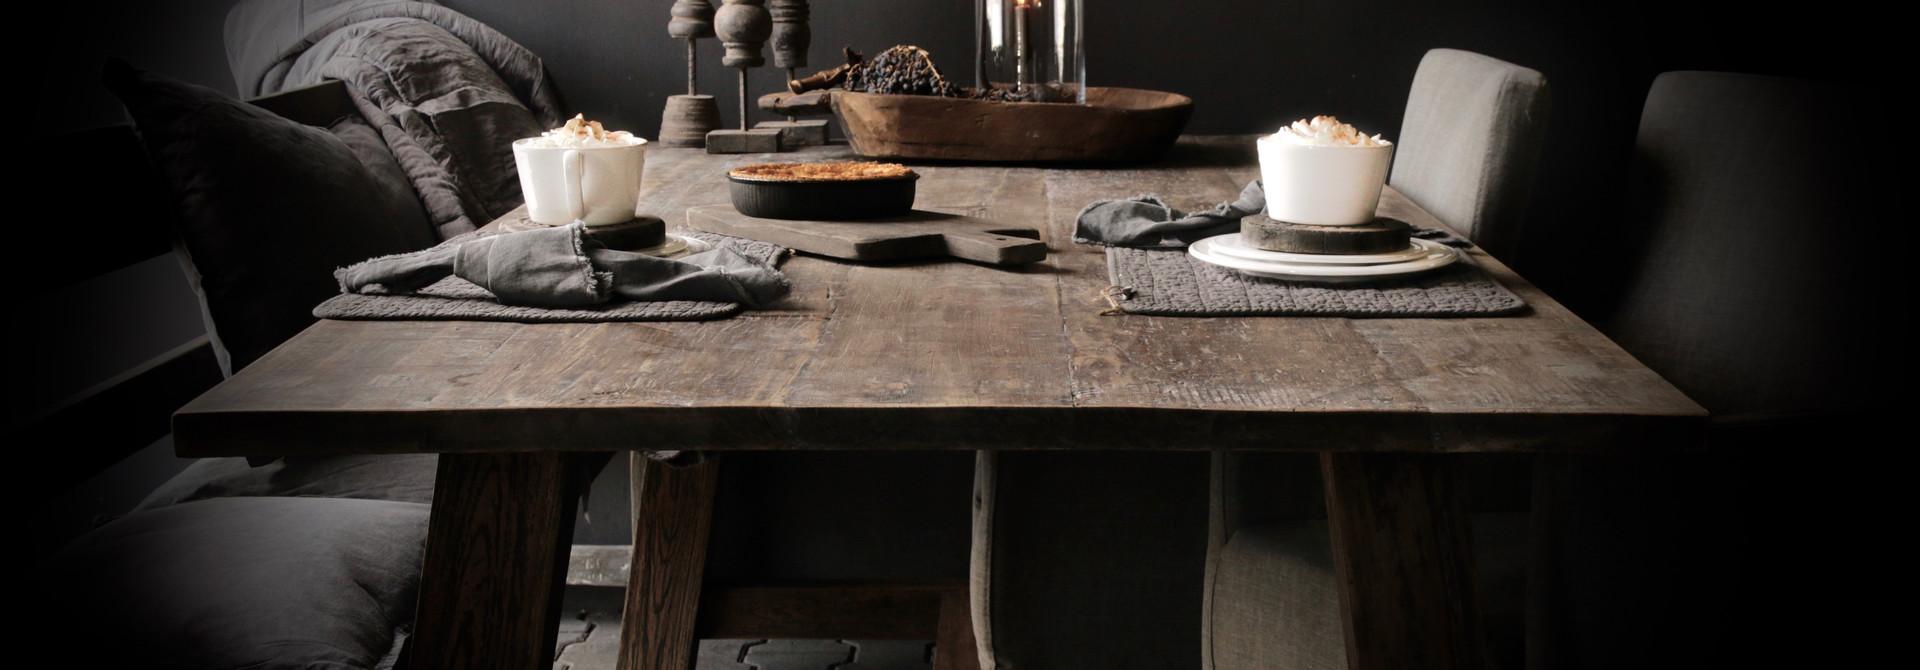 Landelijk wonen interieur tafel Eettafels